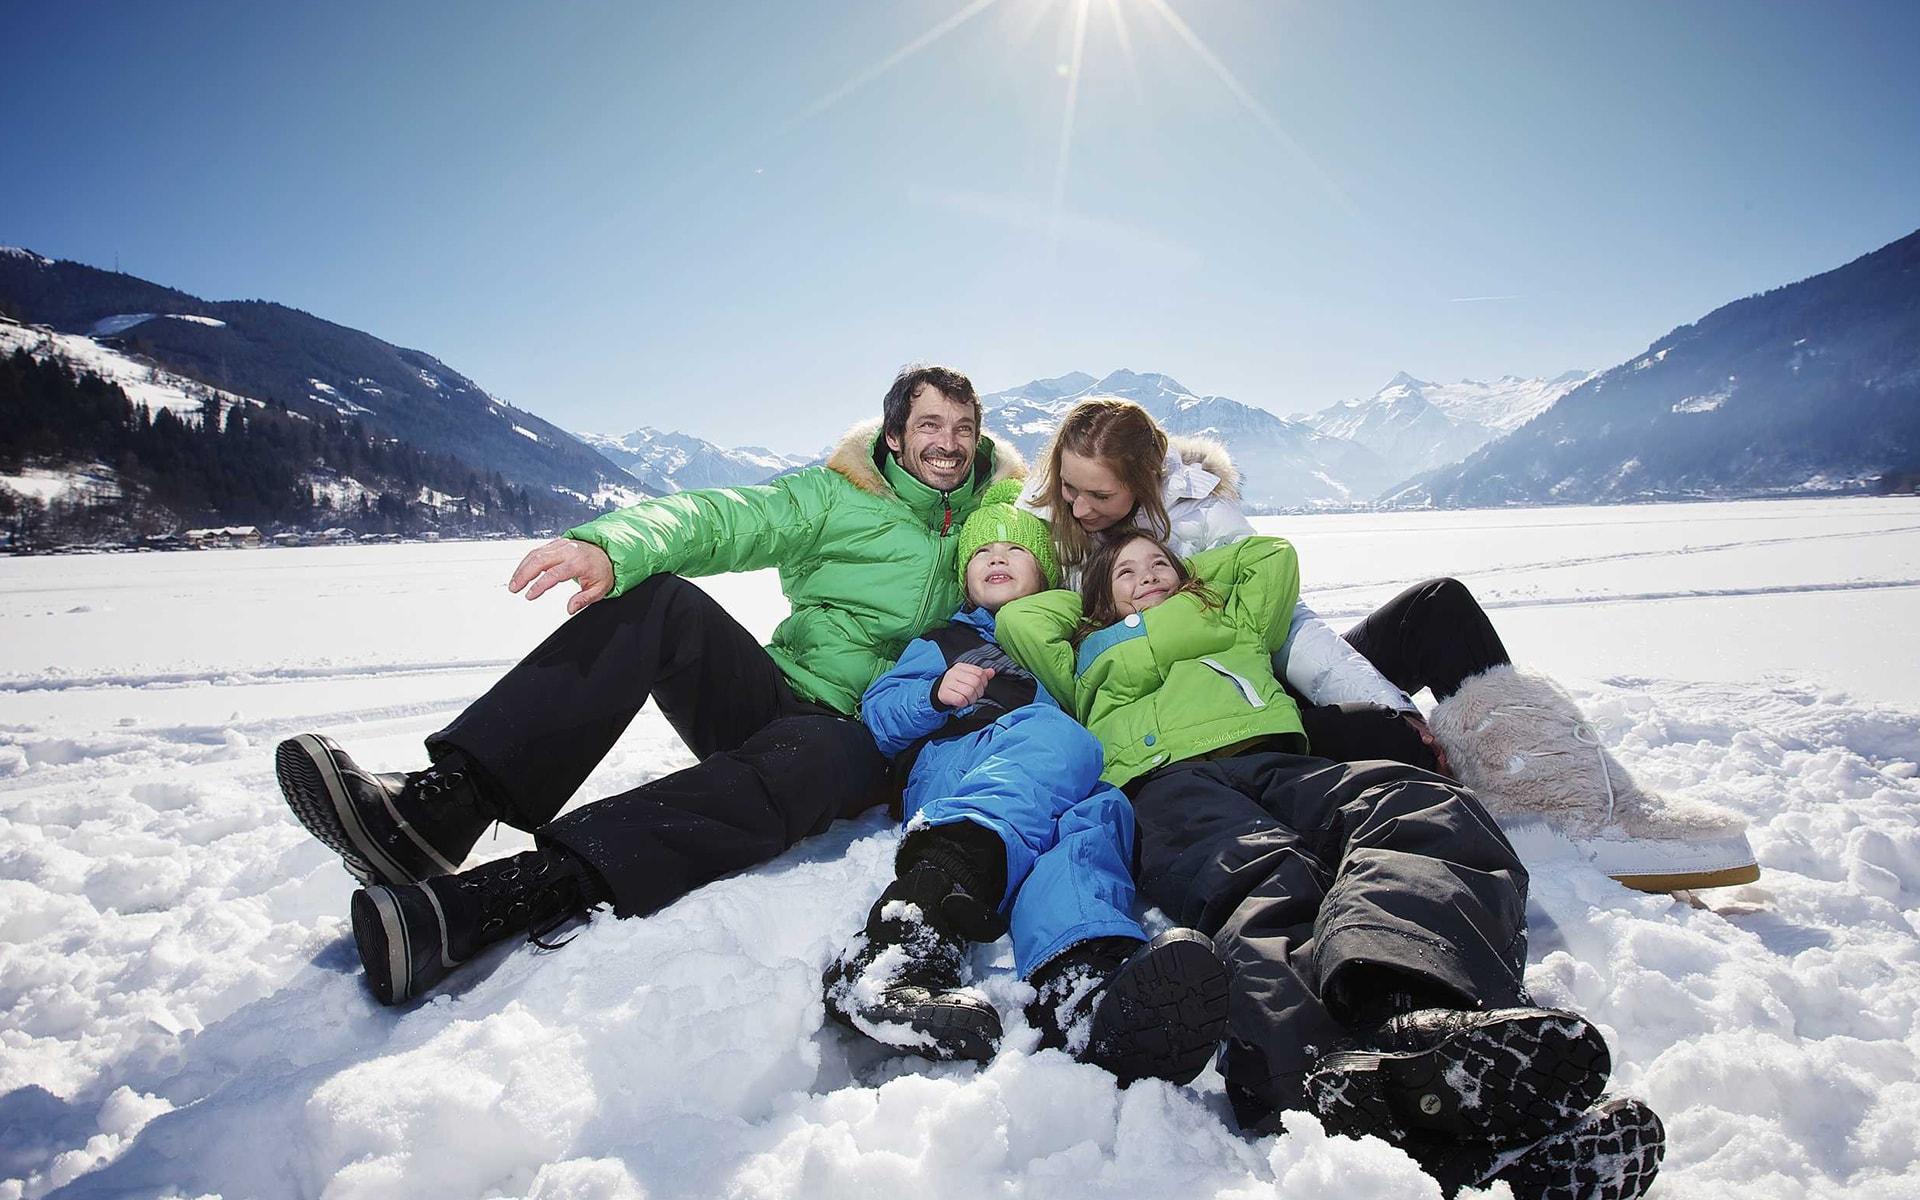 небрежным локонам картинки про сборы на отдых зимой есть